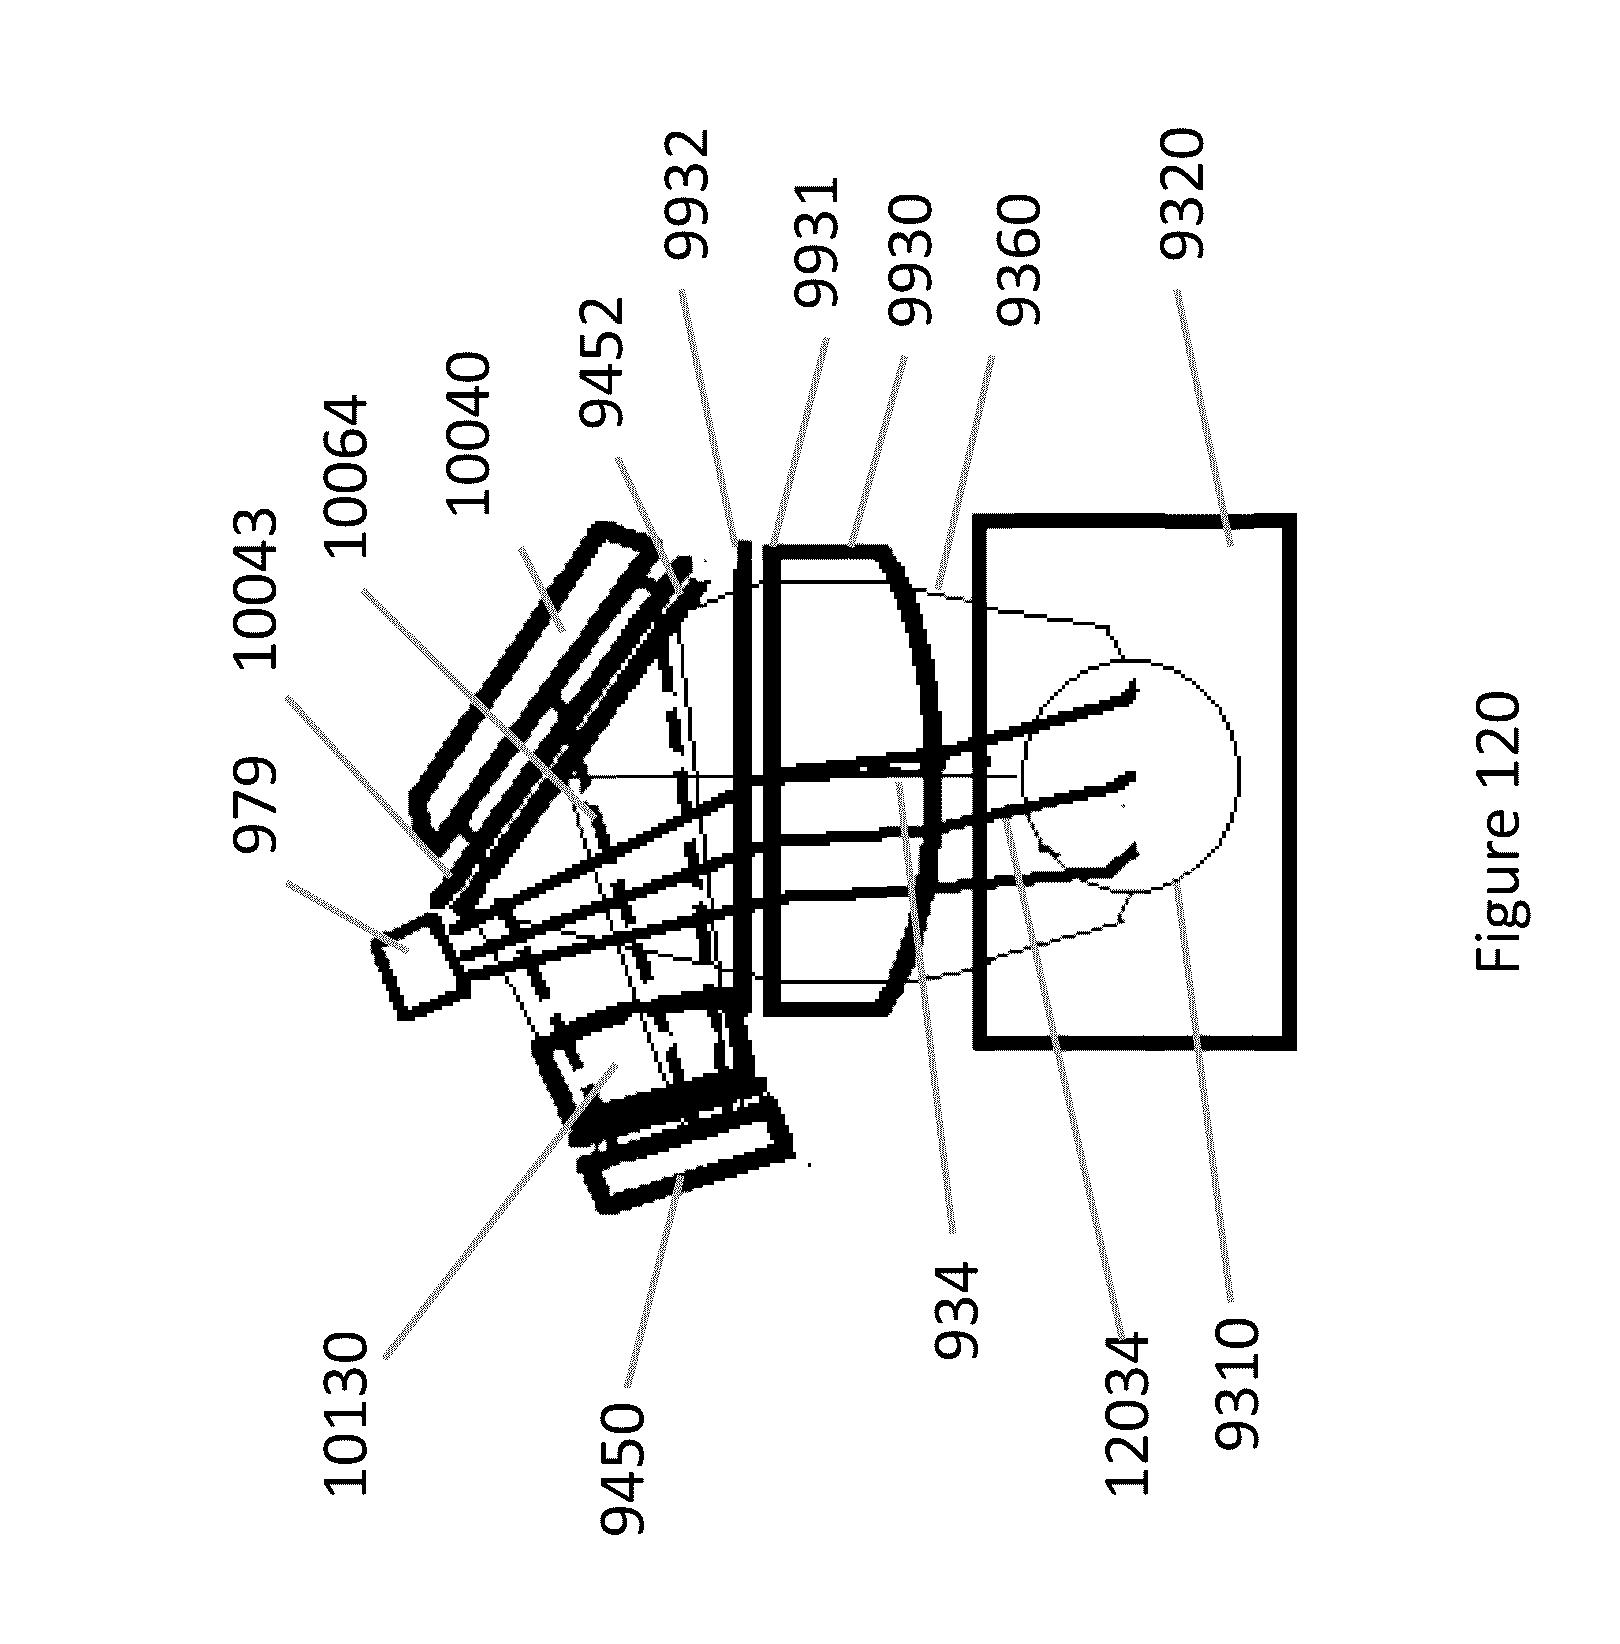 Patent Us 9658457 B2 Printed Circuit Board Assemblies Gt Radar Inc Images